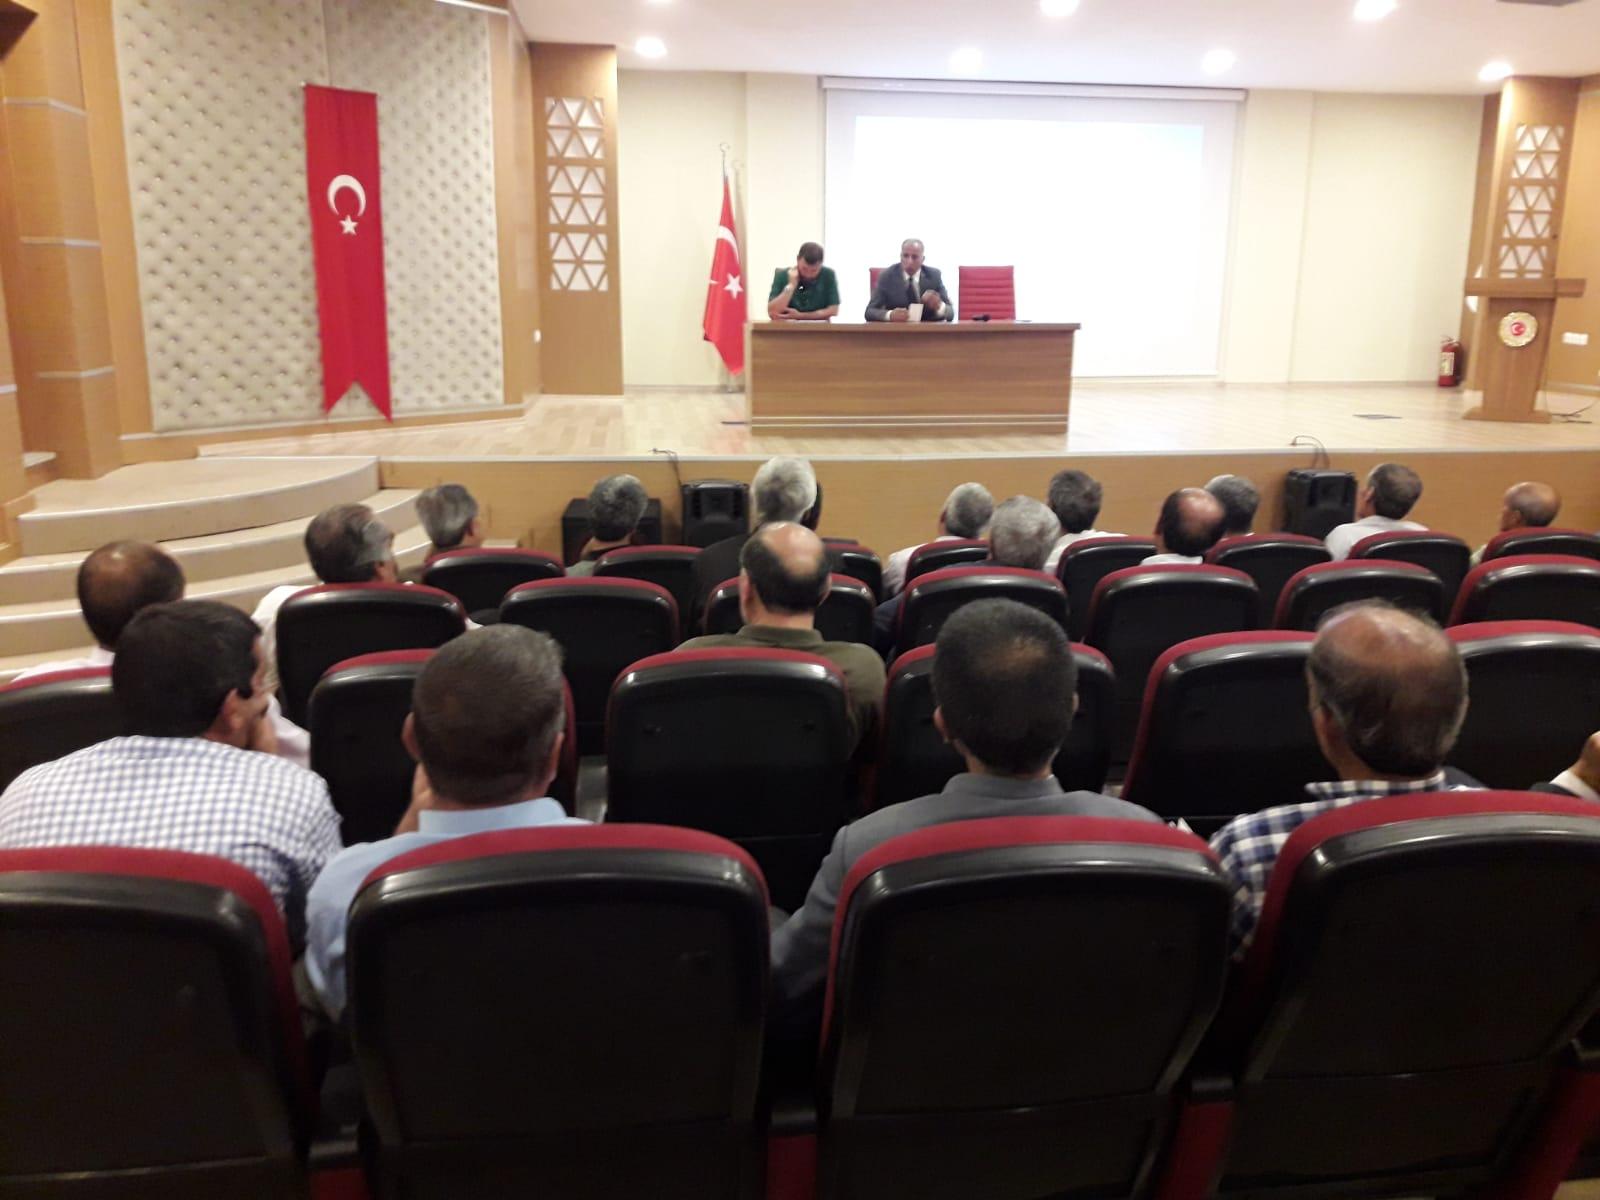 İlçe ve Köy Muhtarlarına Yönelik İmar Barışı Bilgilendirme Toplantısı